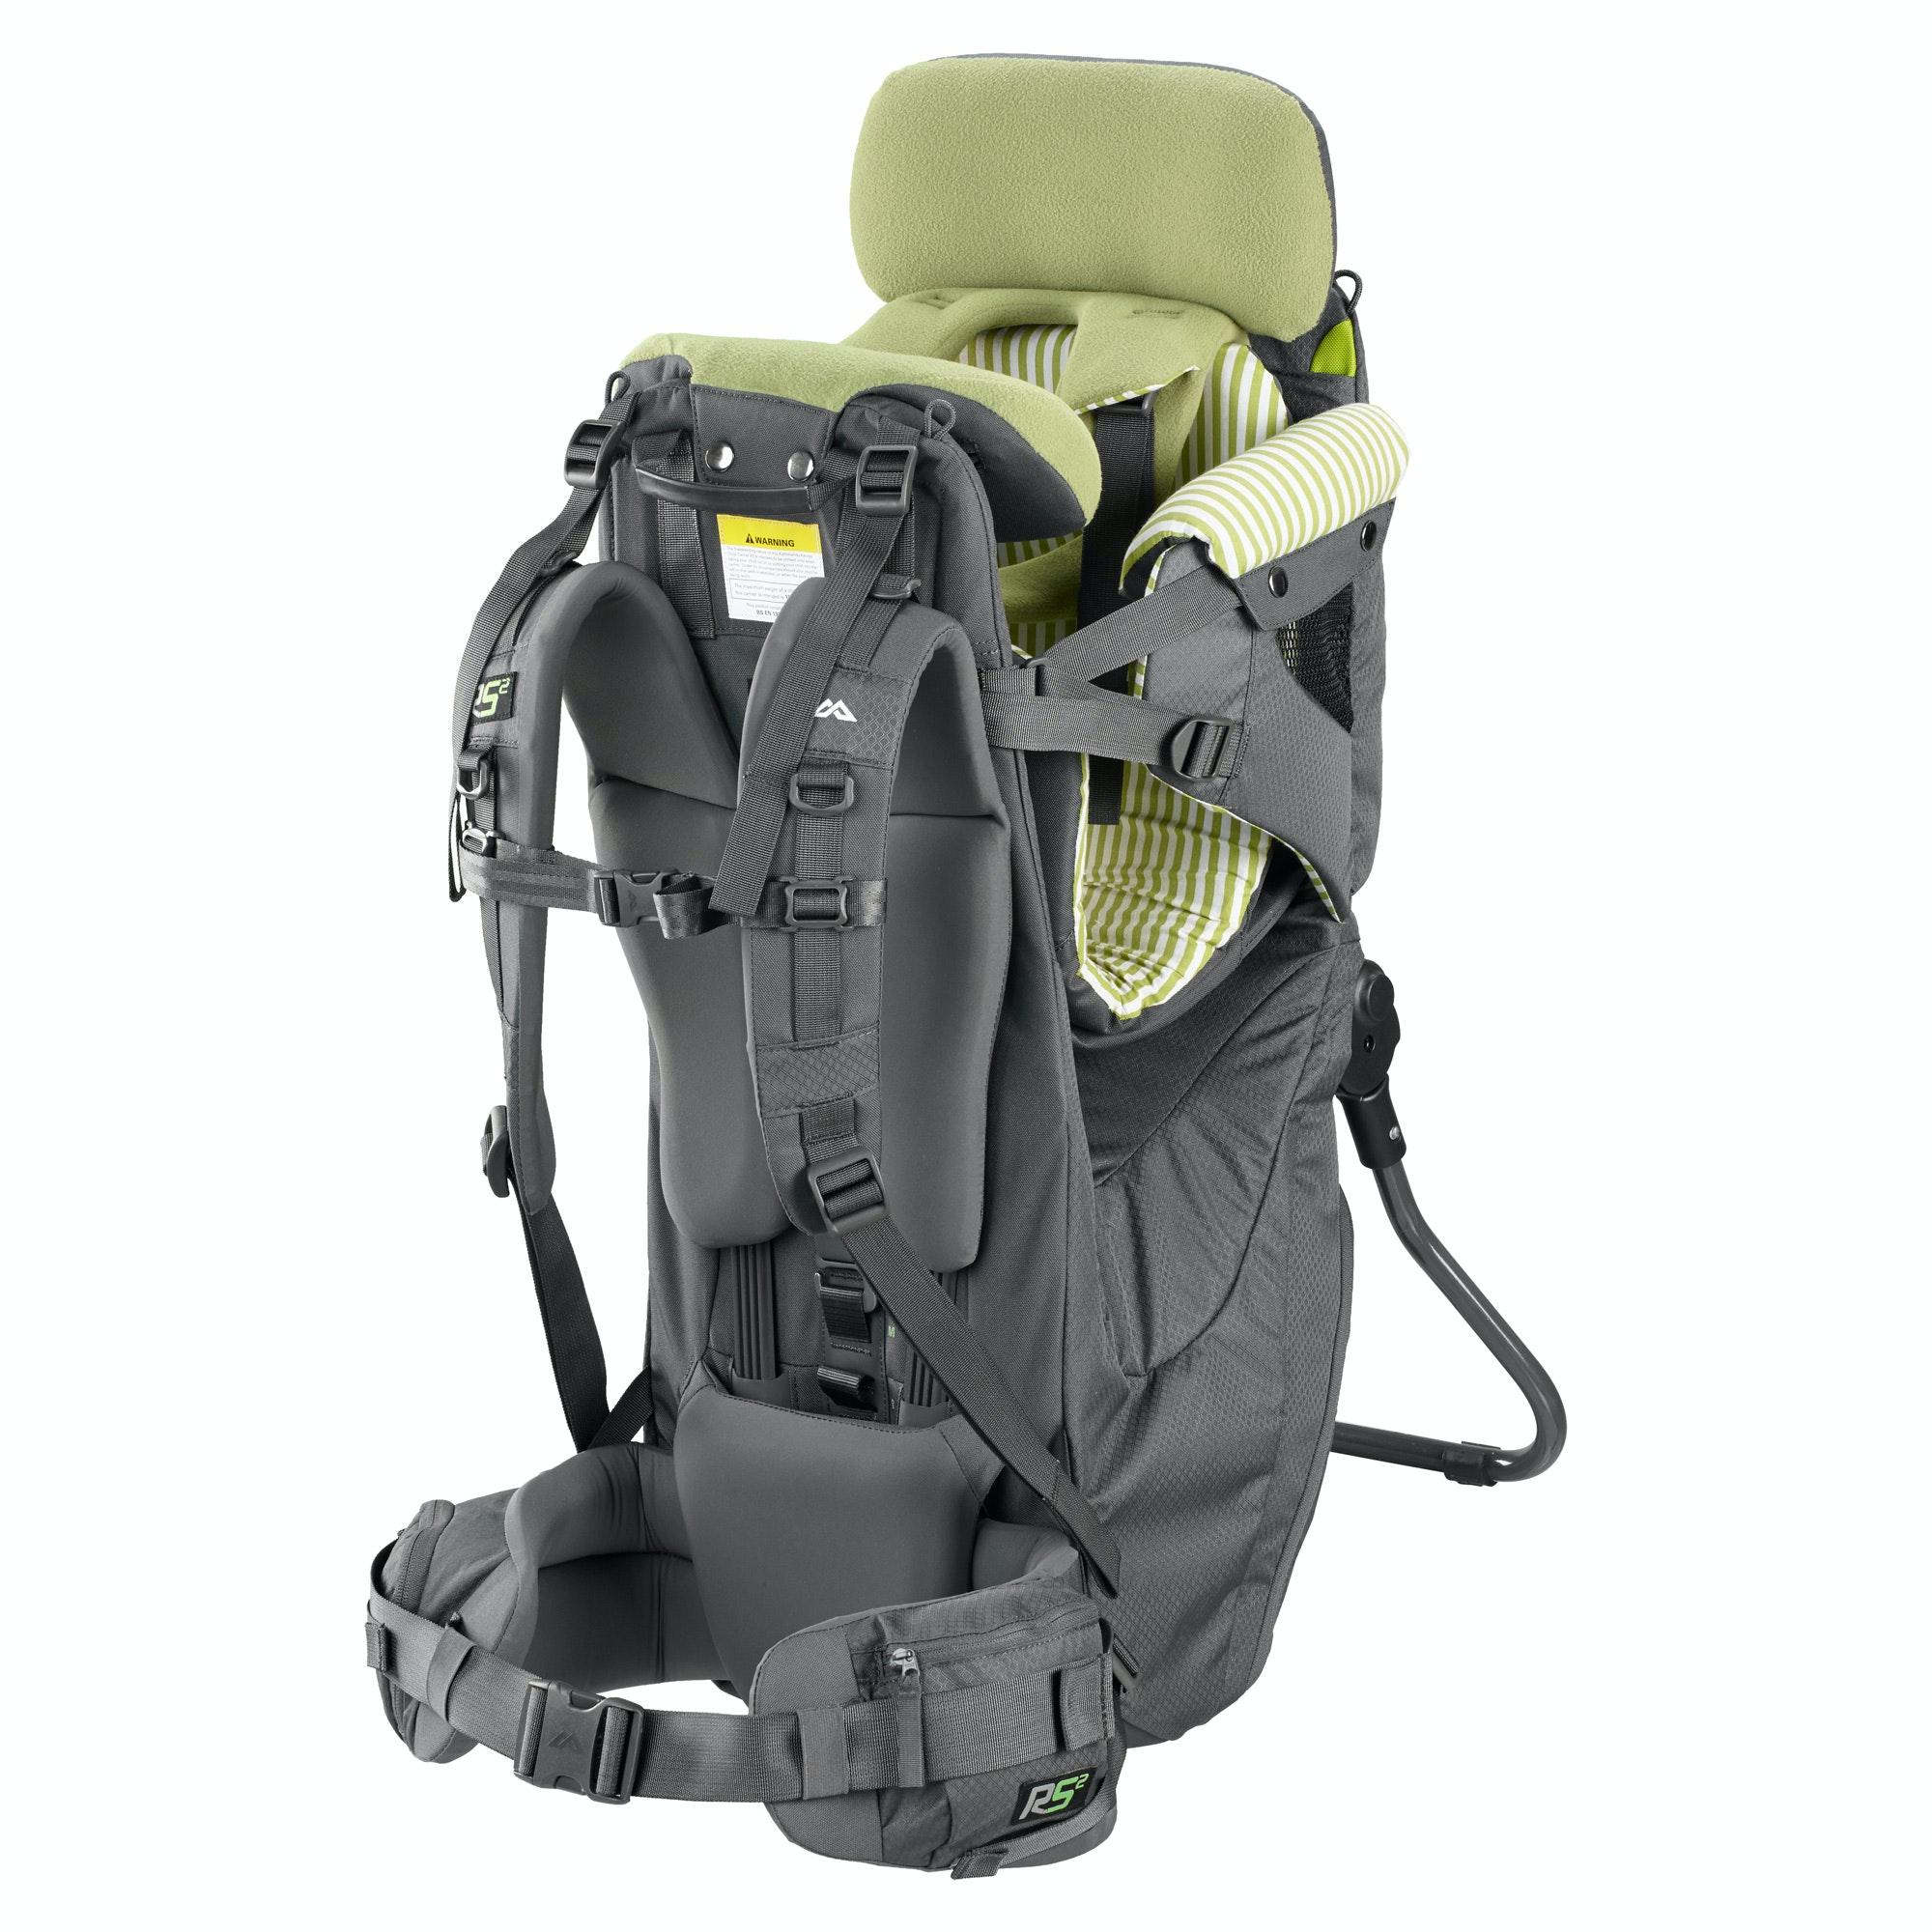 Karinjo Child Carrier v2 Grey Green